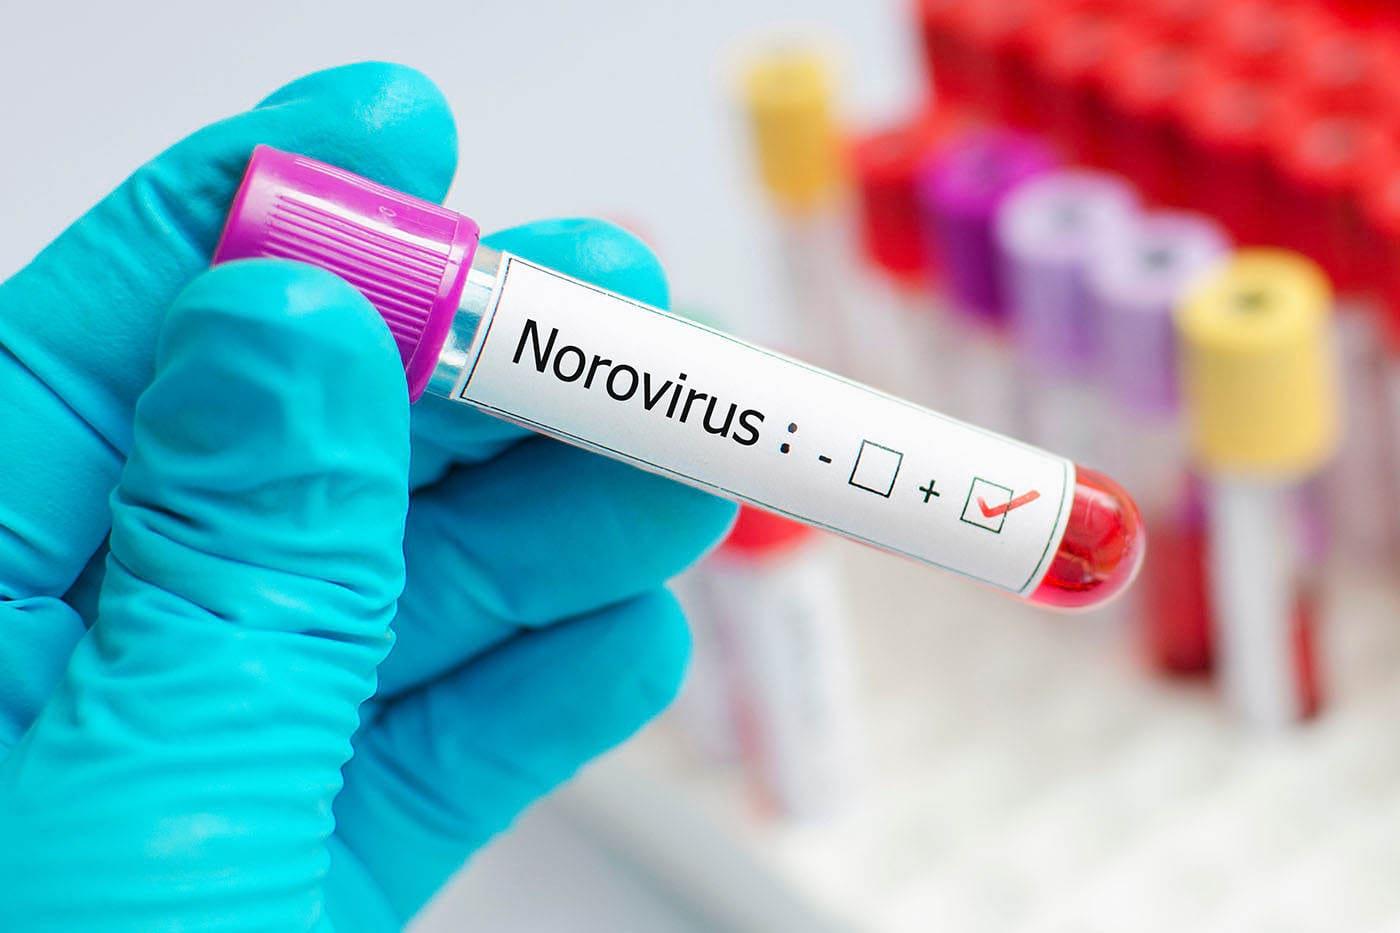 Infecția cu norovirus: simptome, tratament, prevenție